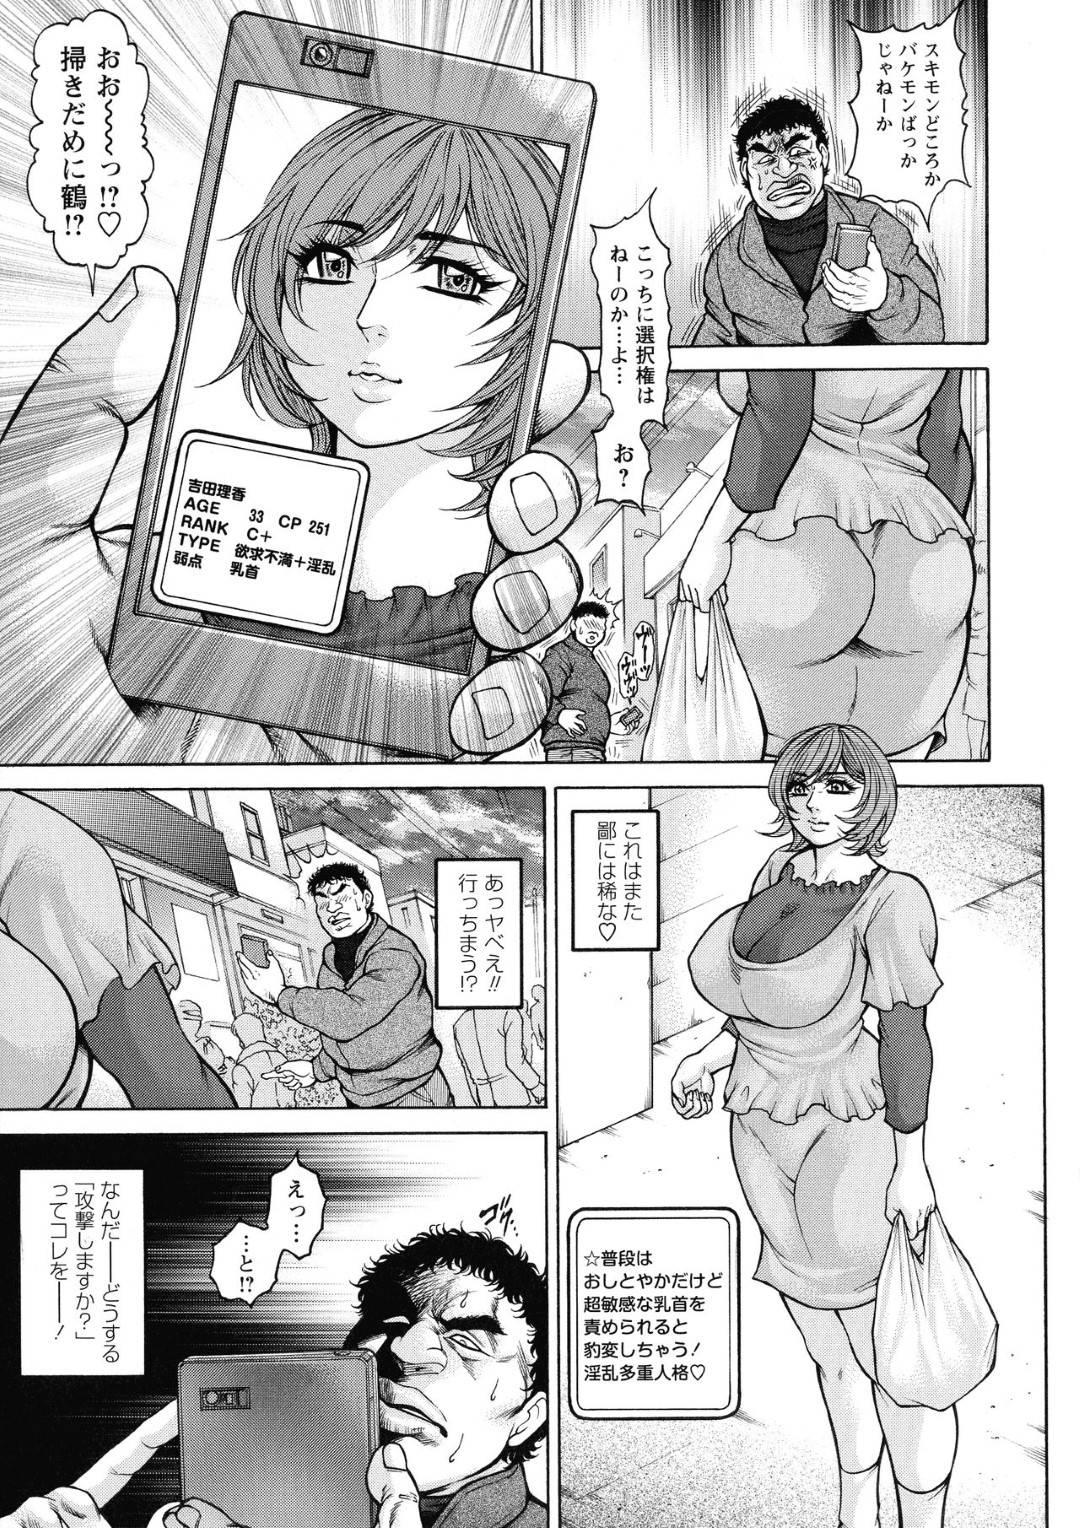 【エロ漫画】謎のゲームアプリで道行く女性を発情させる事ができるようになった冴えないおじさん。彼はこのアプリを使って毎日のように見知らぬ人を発情させては電車や会社などあらゆる場所で様々な人を犯しまくる!